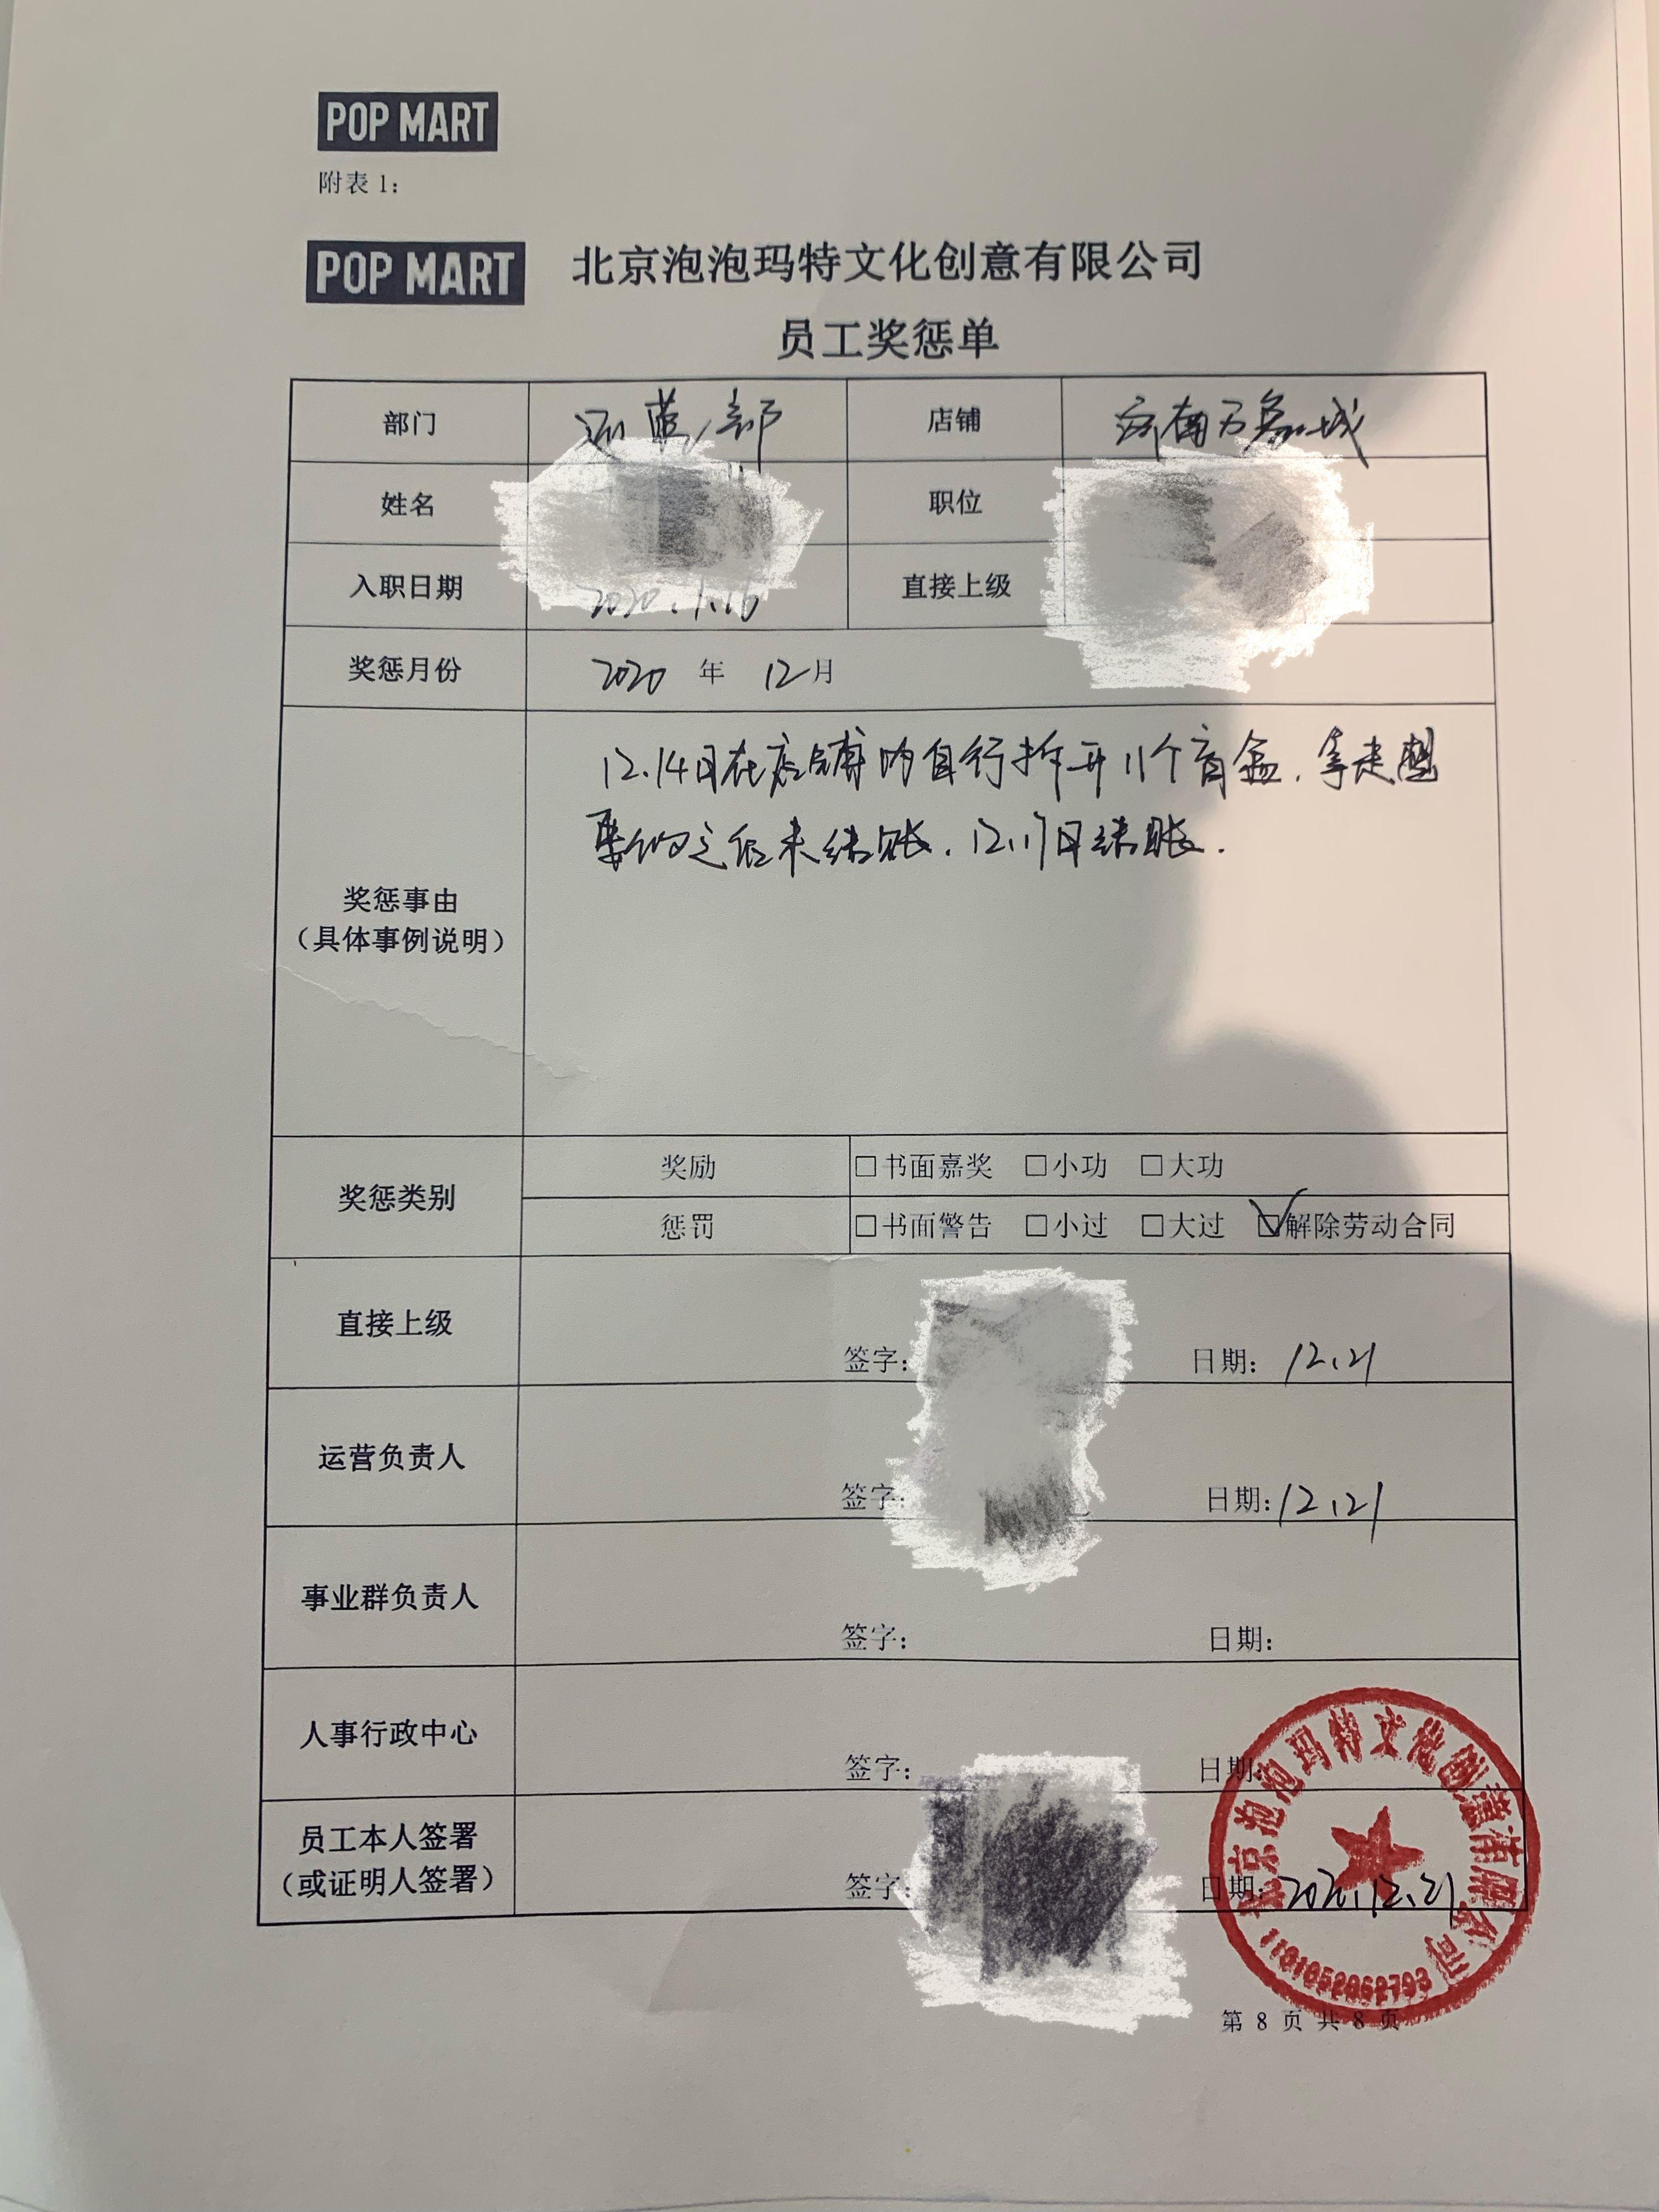 泡泡玛特承认济南一门店涉嫌二次销售,称已辞退涉事店员